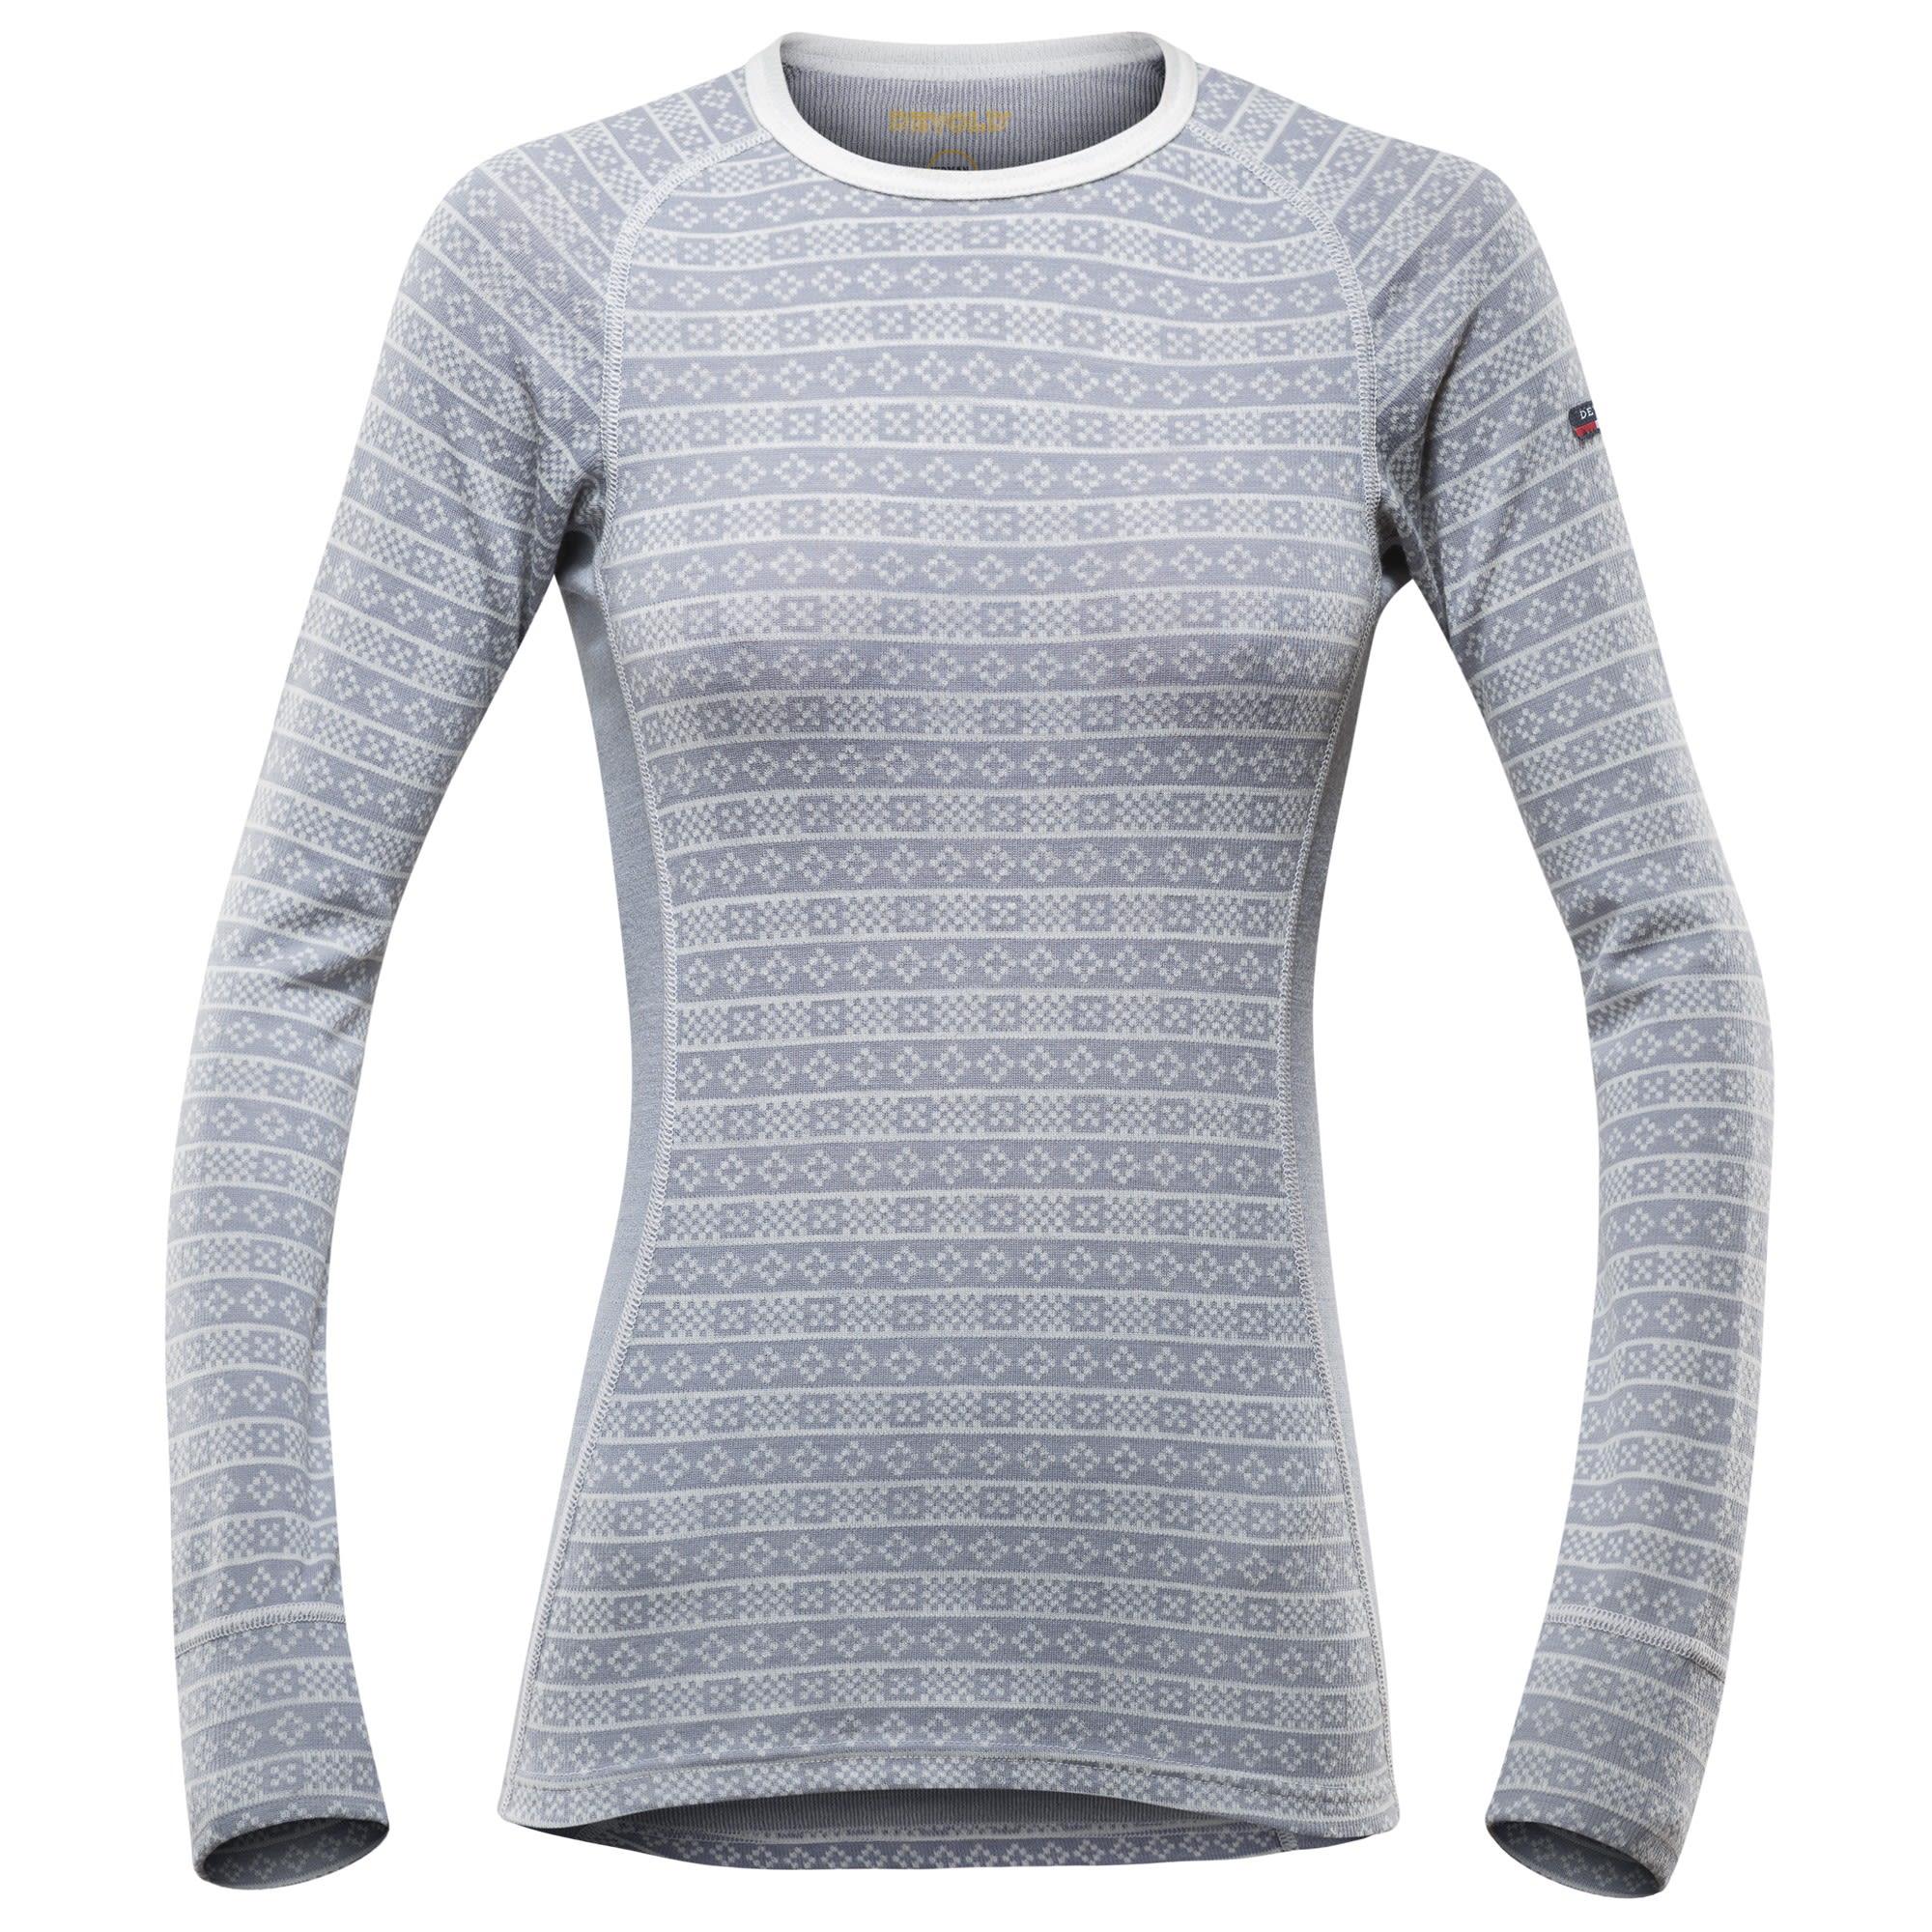 Devold Signature Alnes Woman Shirt (Modell Winter 2017)   Größe XS,S,M,L,XL  